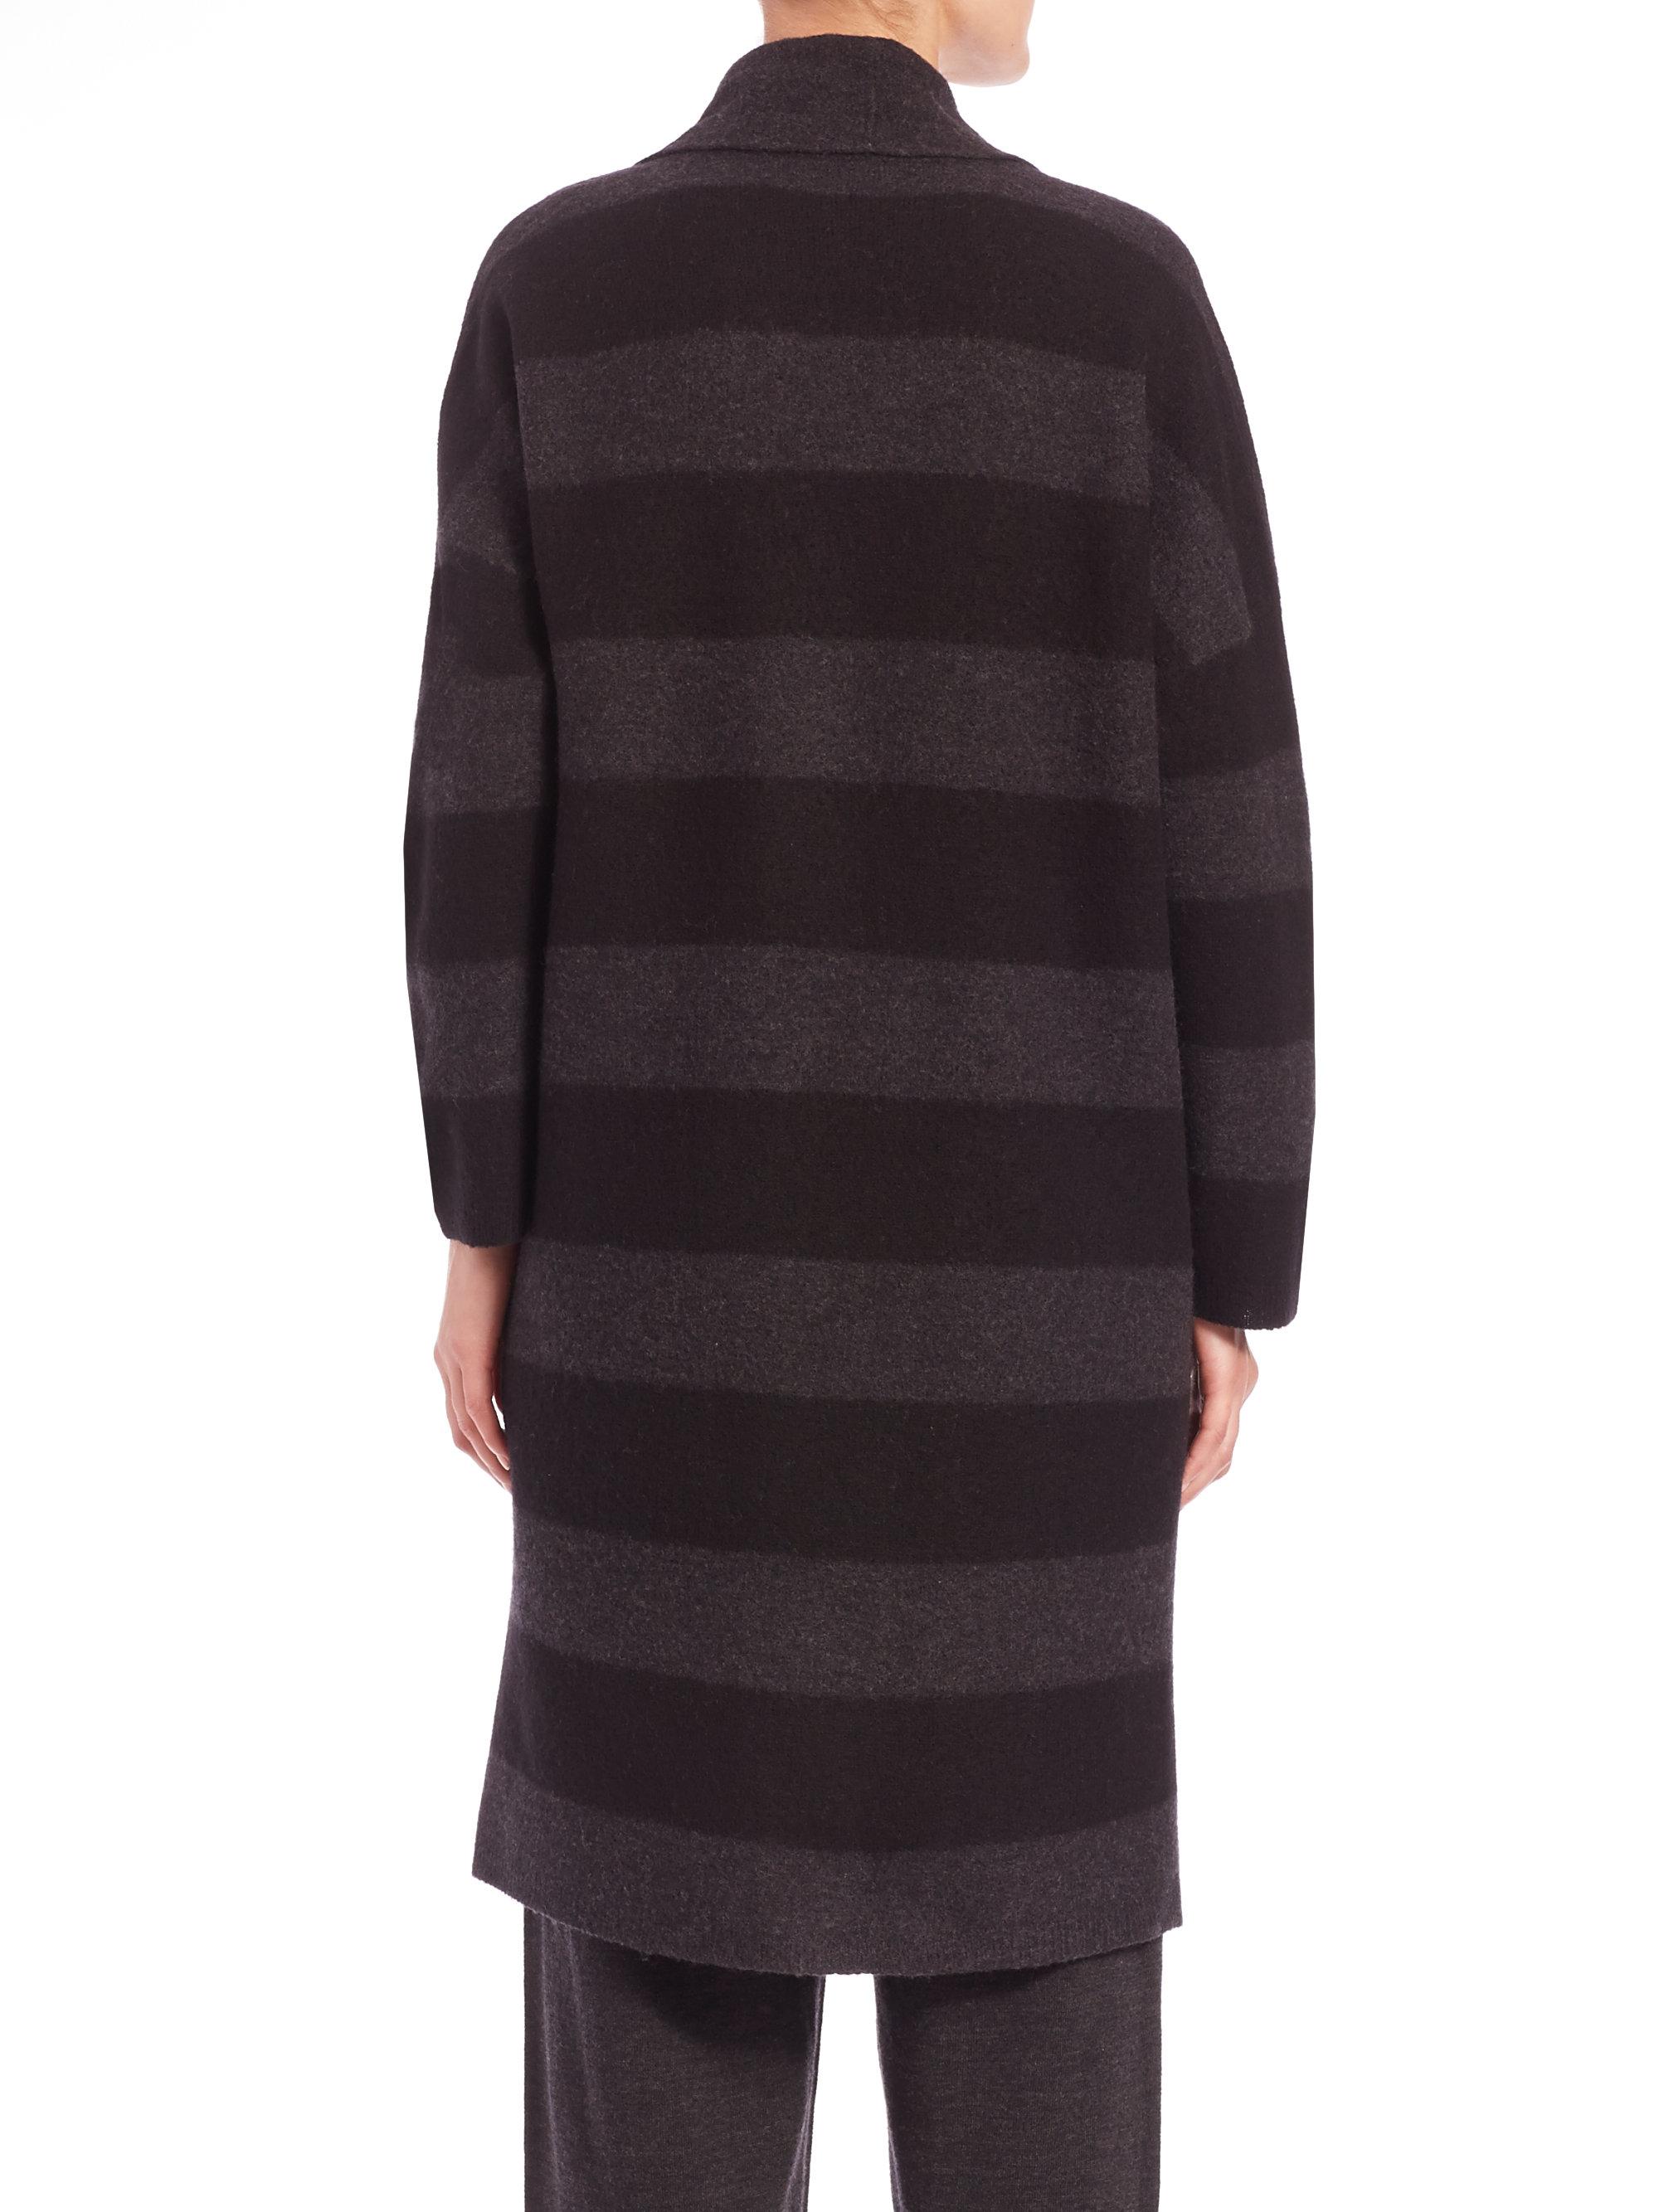 4ec8cd4df Eileen Fisher Striped Merino Wool Coat in Black - Lyst